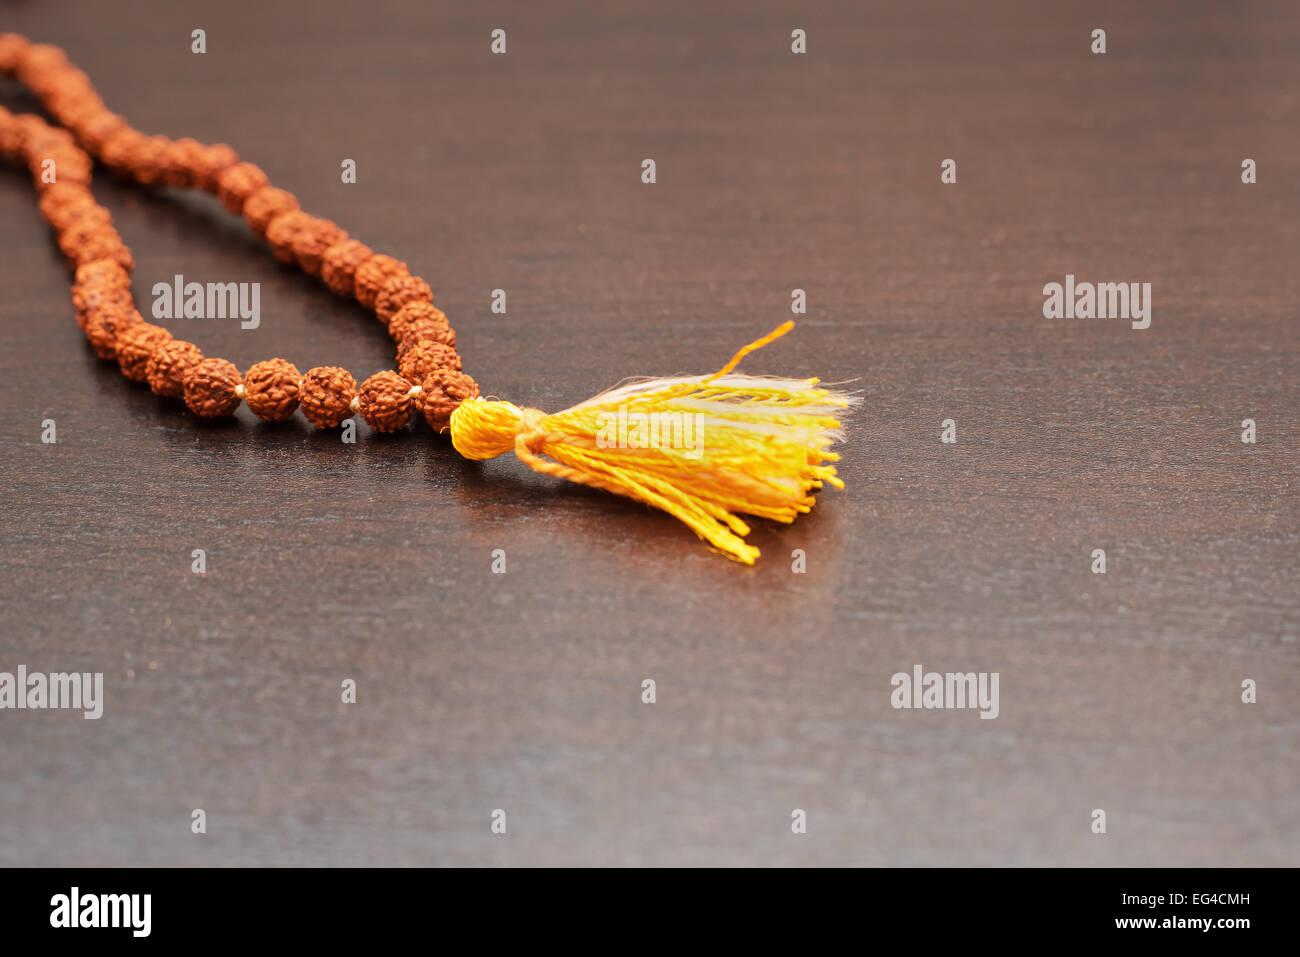 Japa Mala sur la table. Perles de prière faite à partir des graines de l'arbre rudraksha Banque D'Images